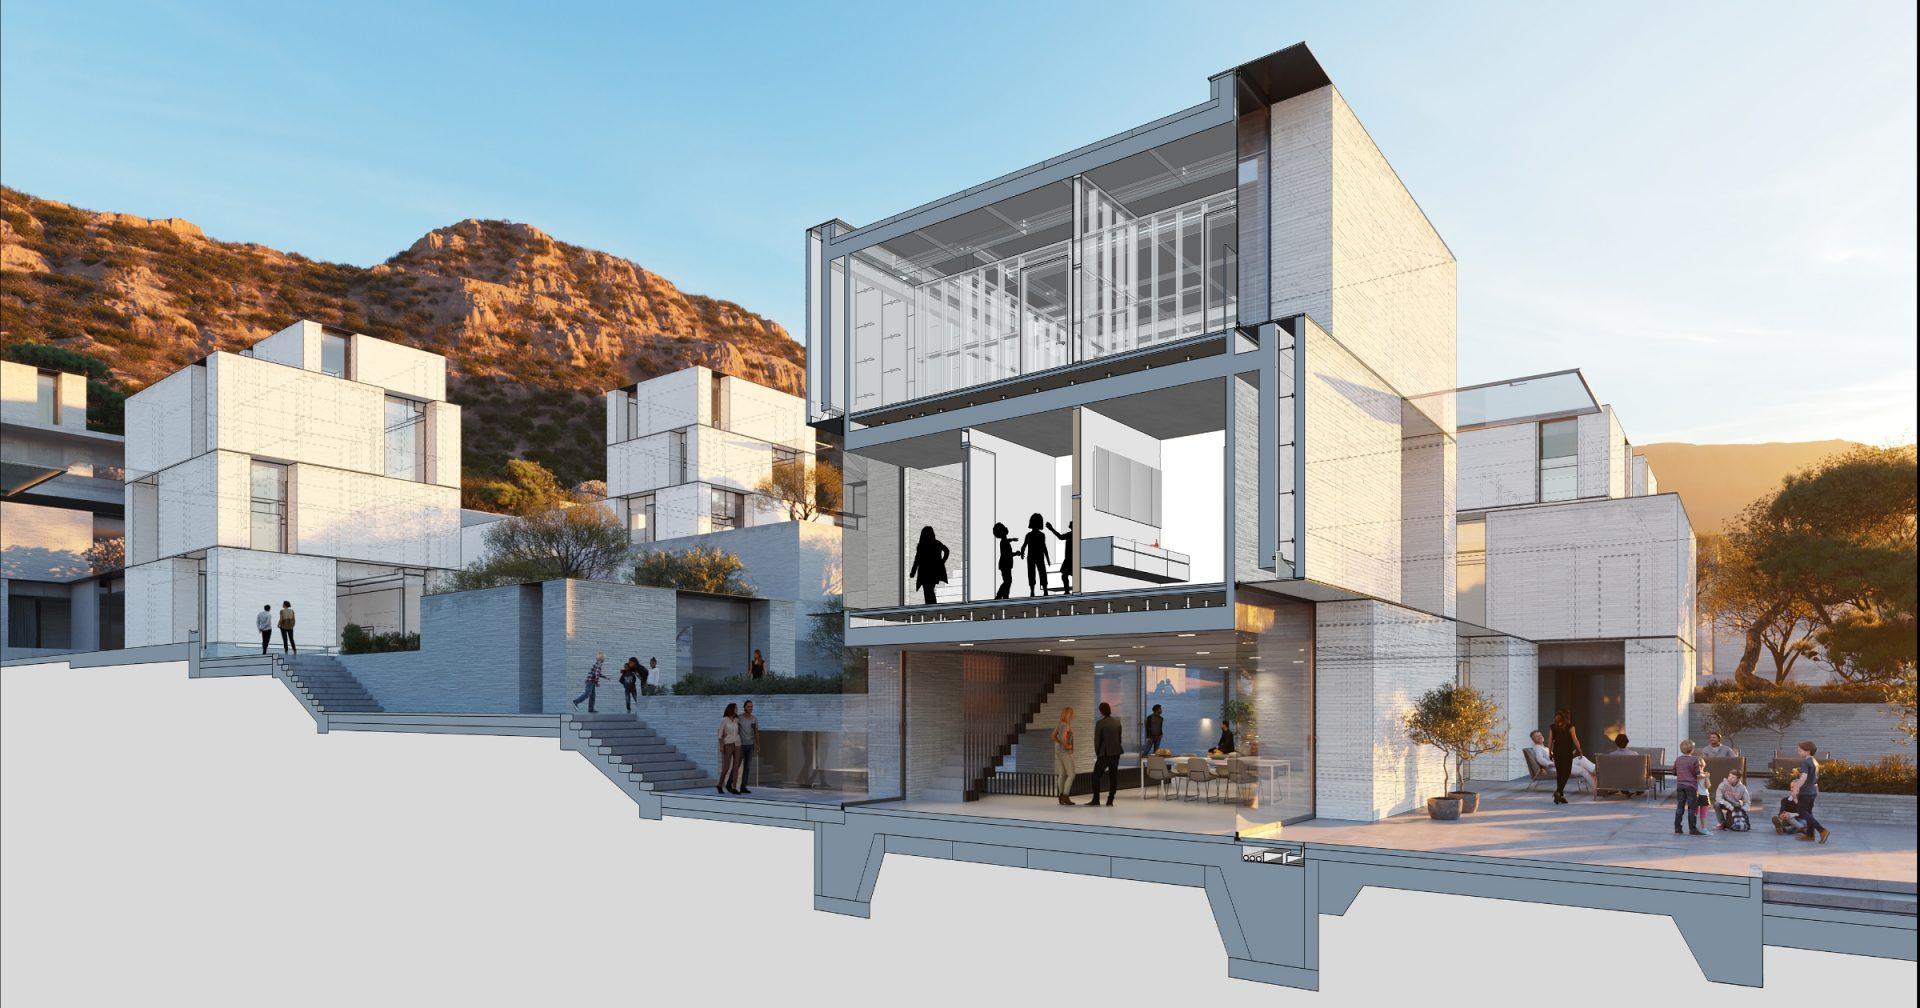 imagem de casa feita no sketchup 2020